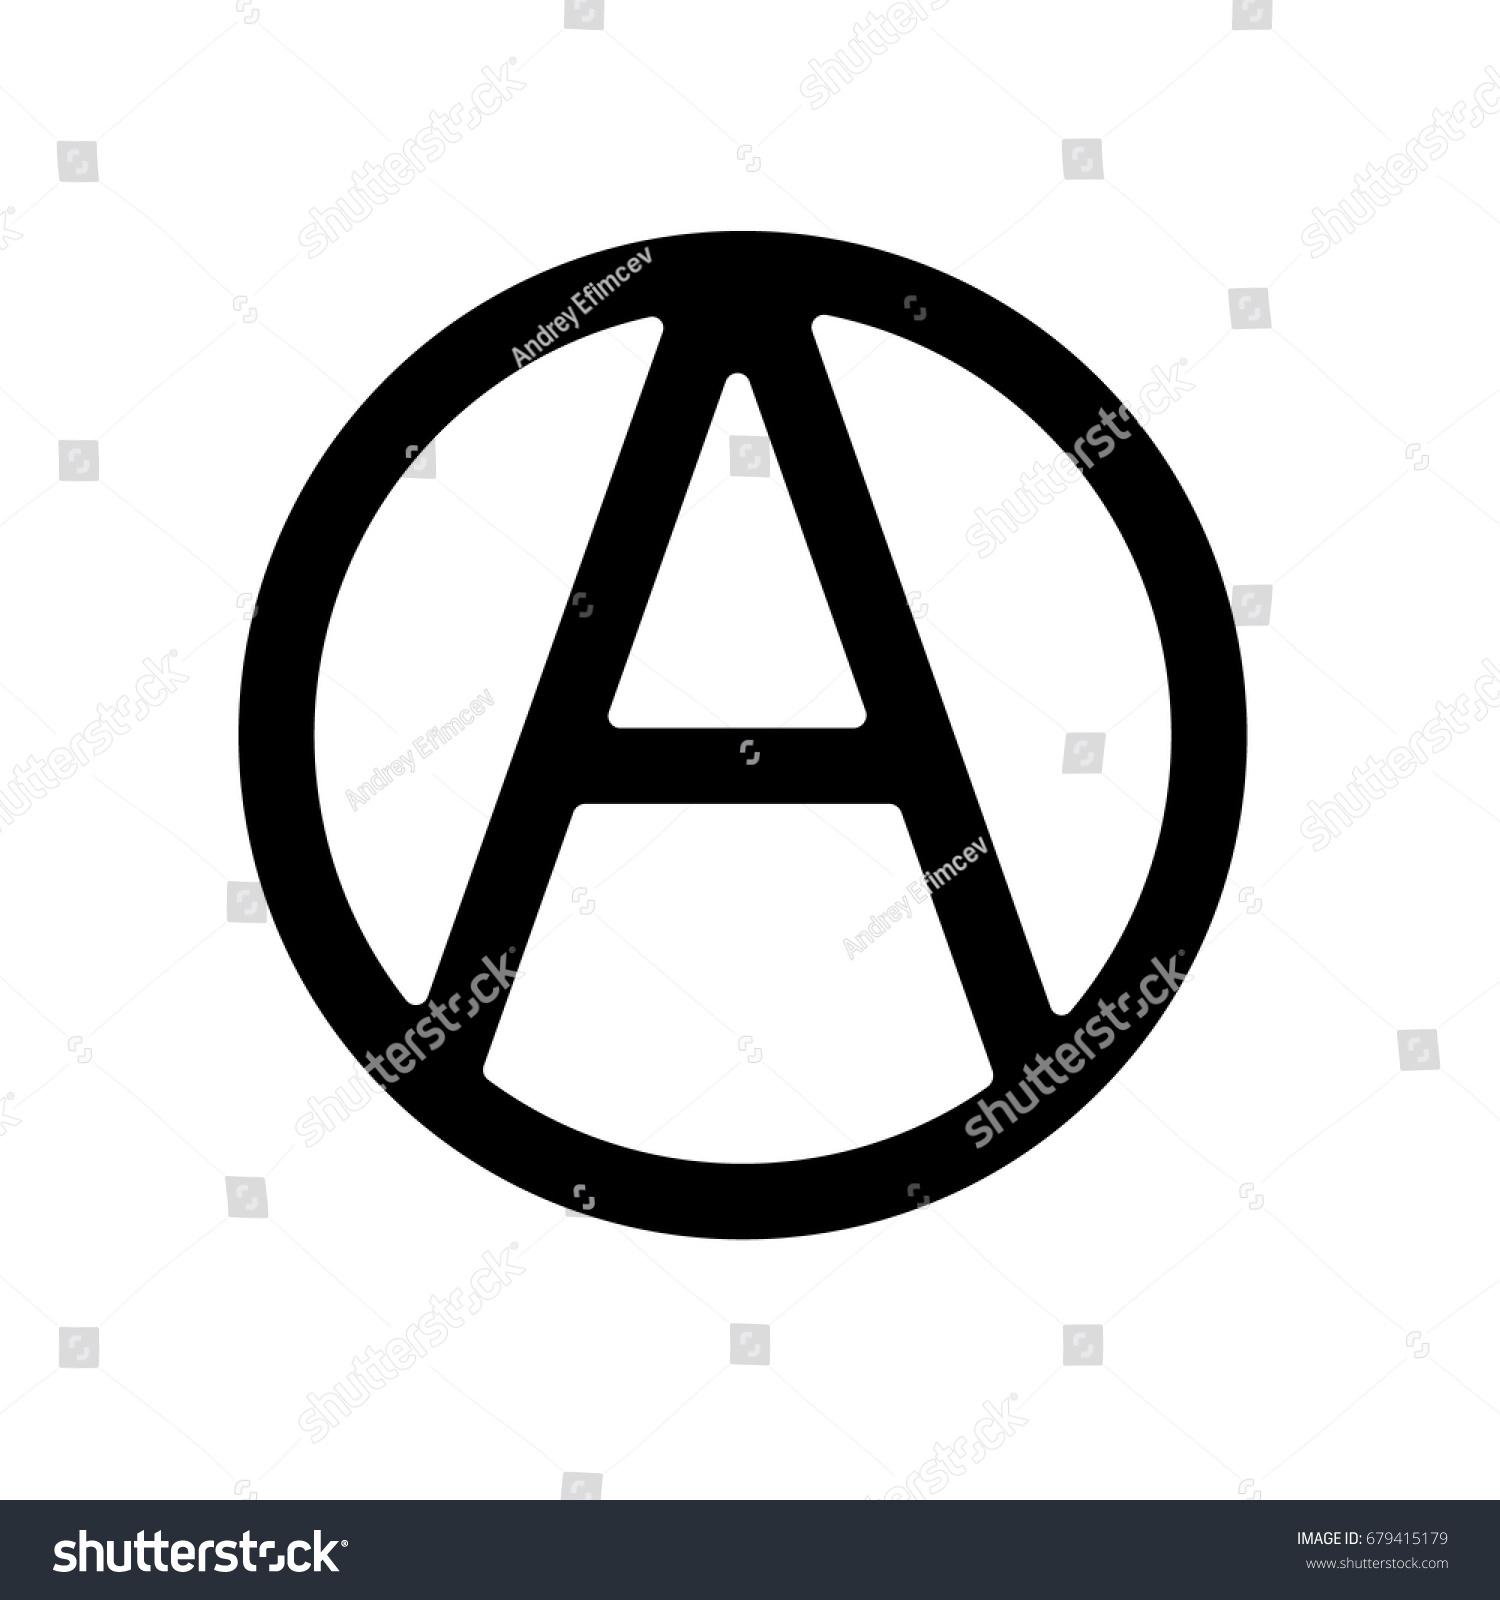 Anarchy symbol icon vector stock vector 679415179 shutterstock anarchy symbol icon vector buycottarizona